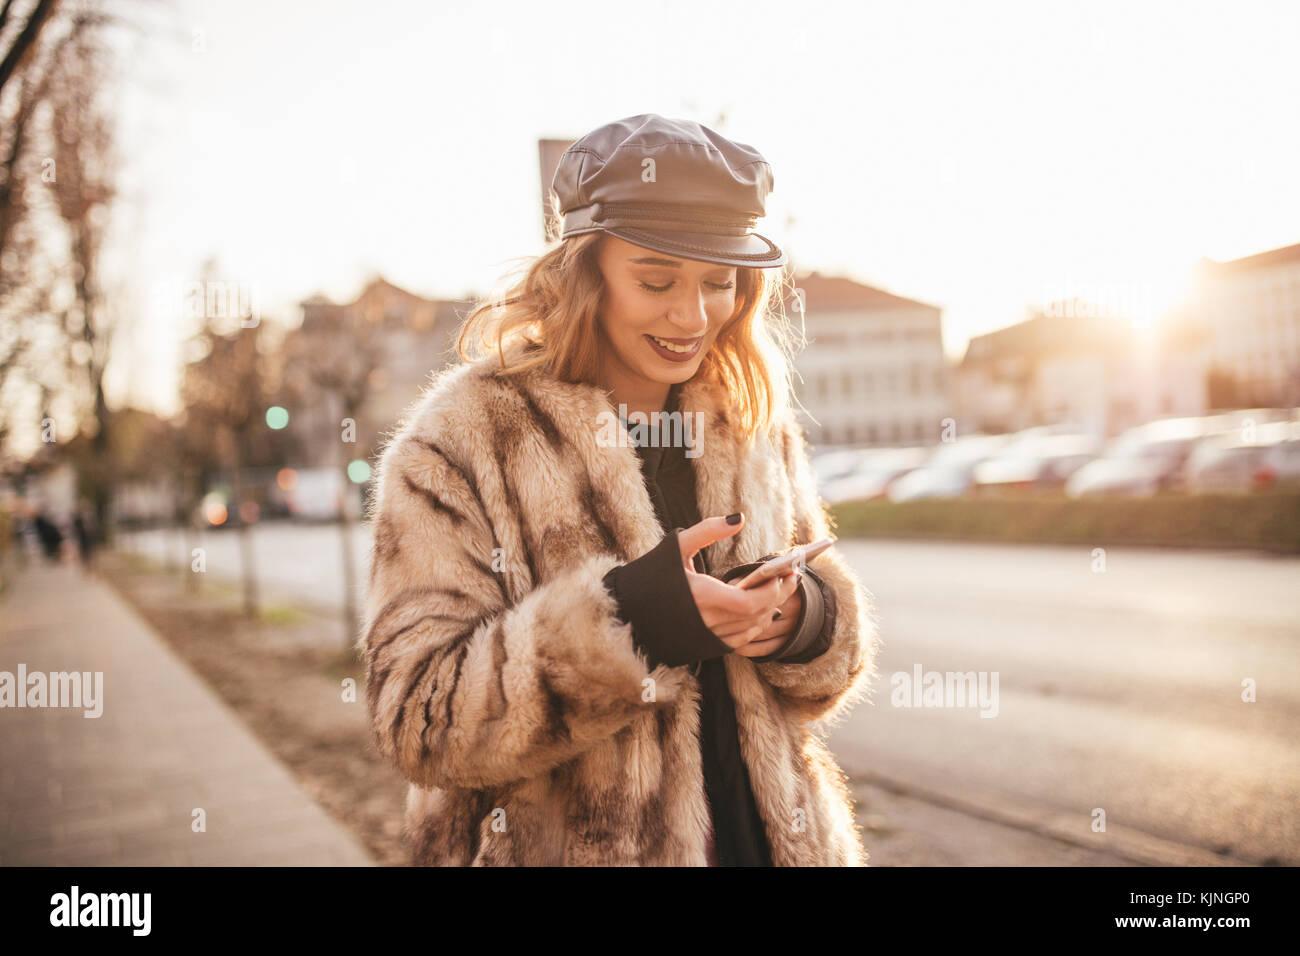 Hermosa niña sonriente y mensajes de texto en su celular en las calles de la ciudad Imagen De Stock